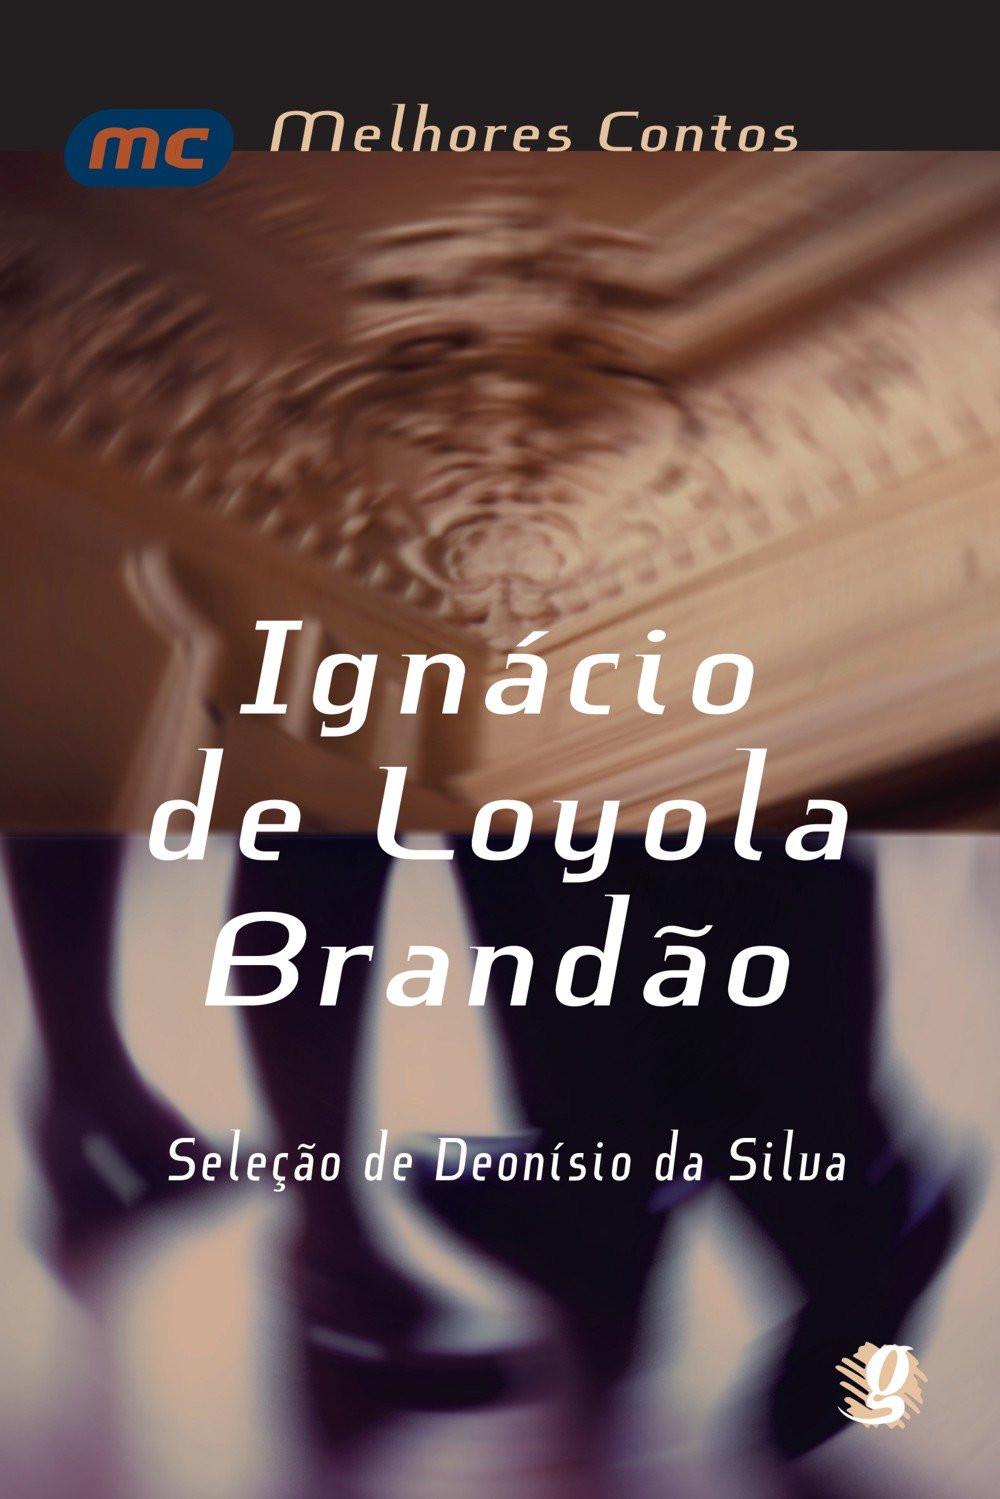 Melhores Contos de Ignácio de Loyola Brandão